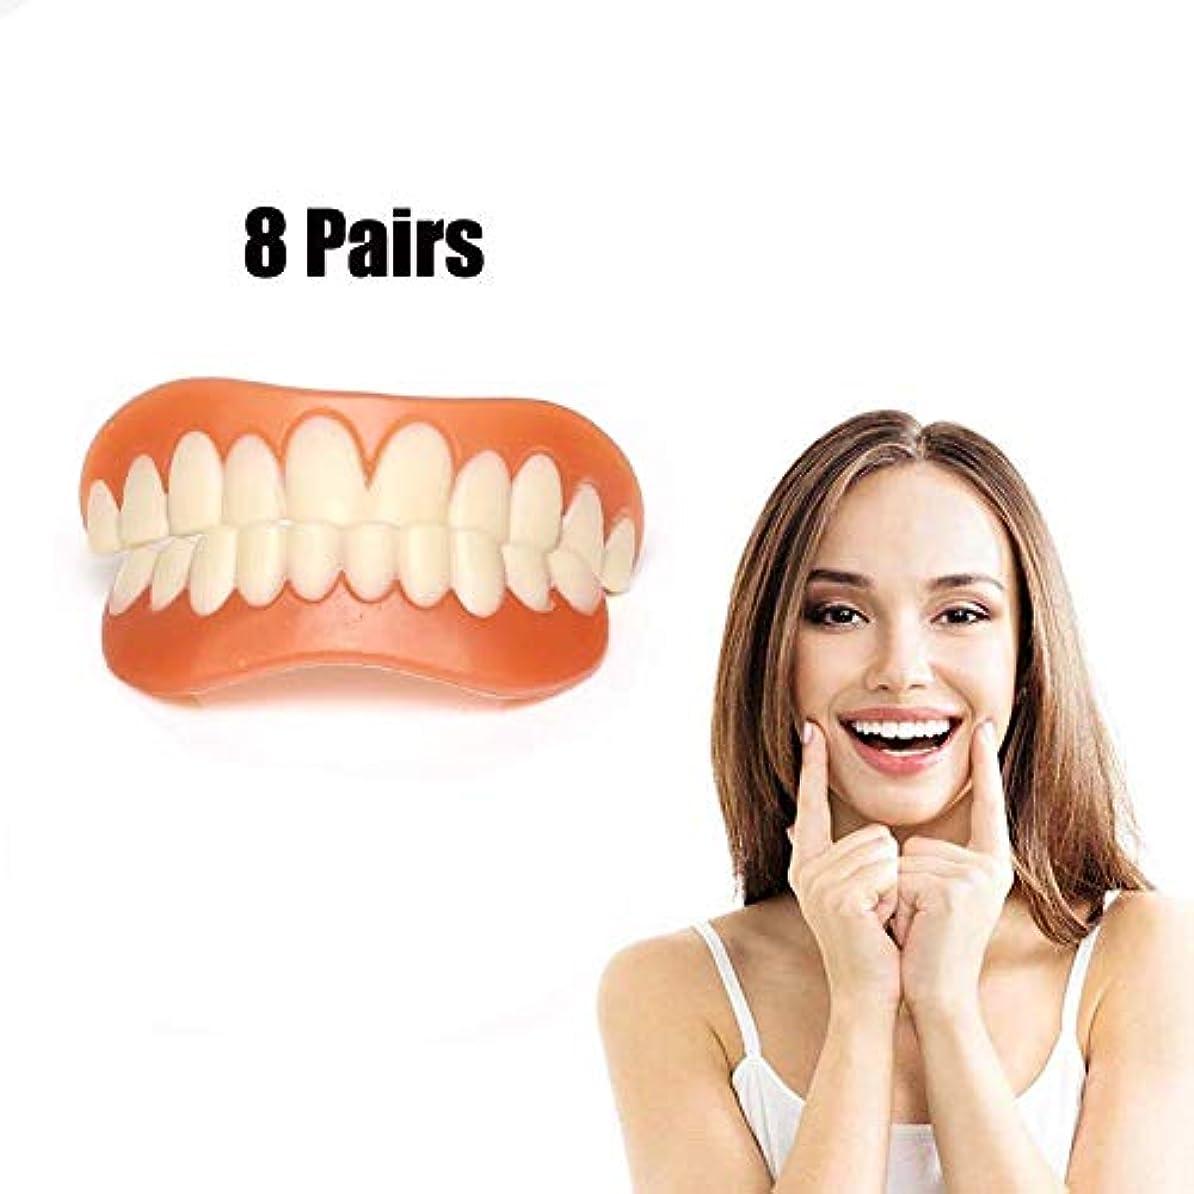 危機エアコン勇者8組安全なベニヤ歯、インスタント笑顔の快適さ修正義歯を白くする偽の歯 - ワンサイズフィット(下+上)